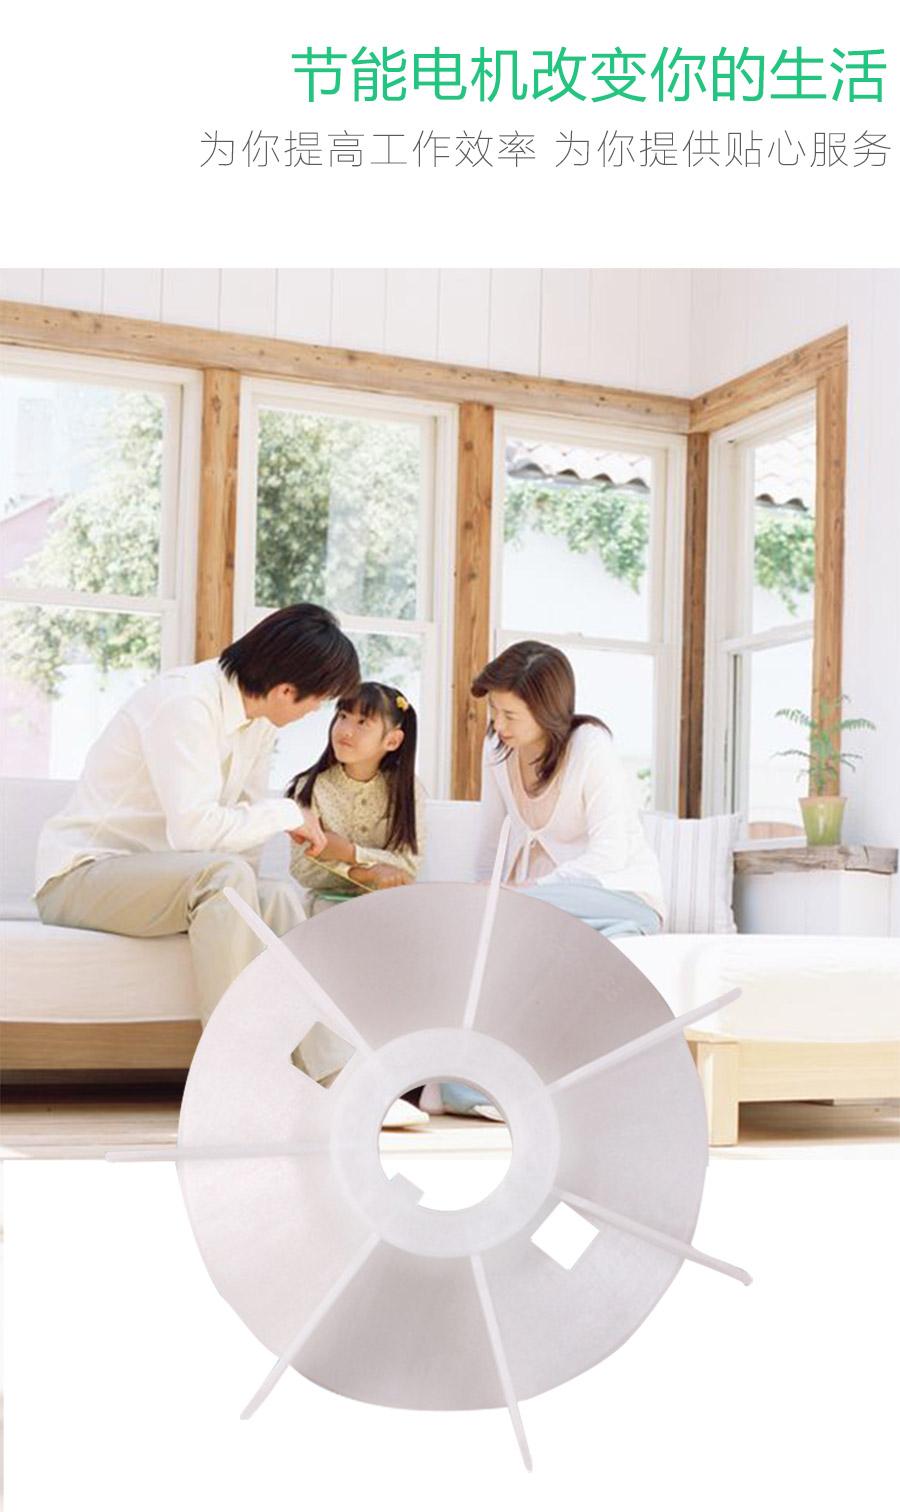 YS63风叶型号电机安装和尺寸与外形尺寸图2